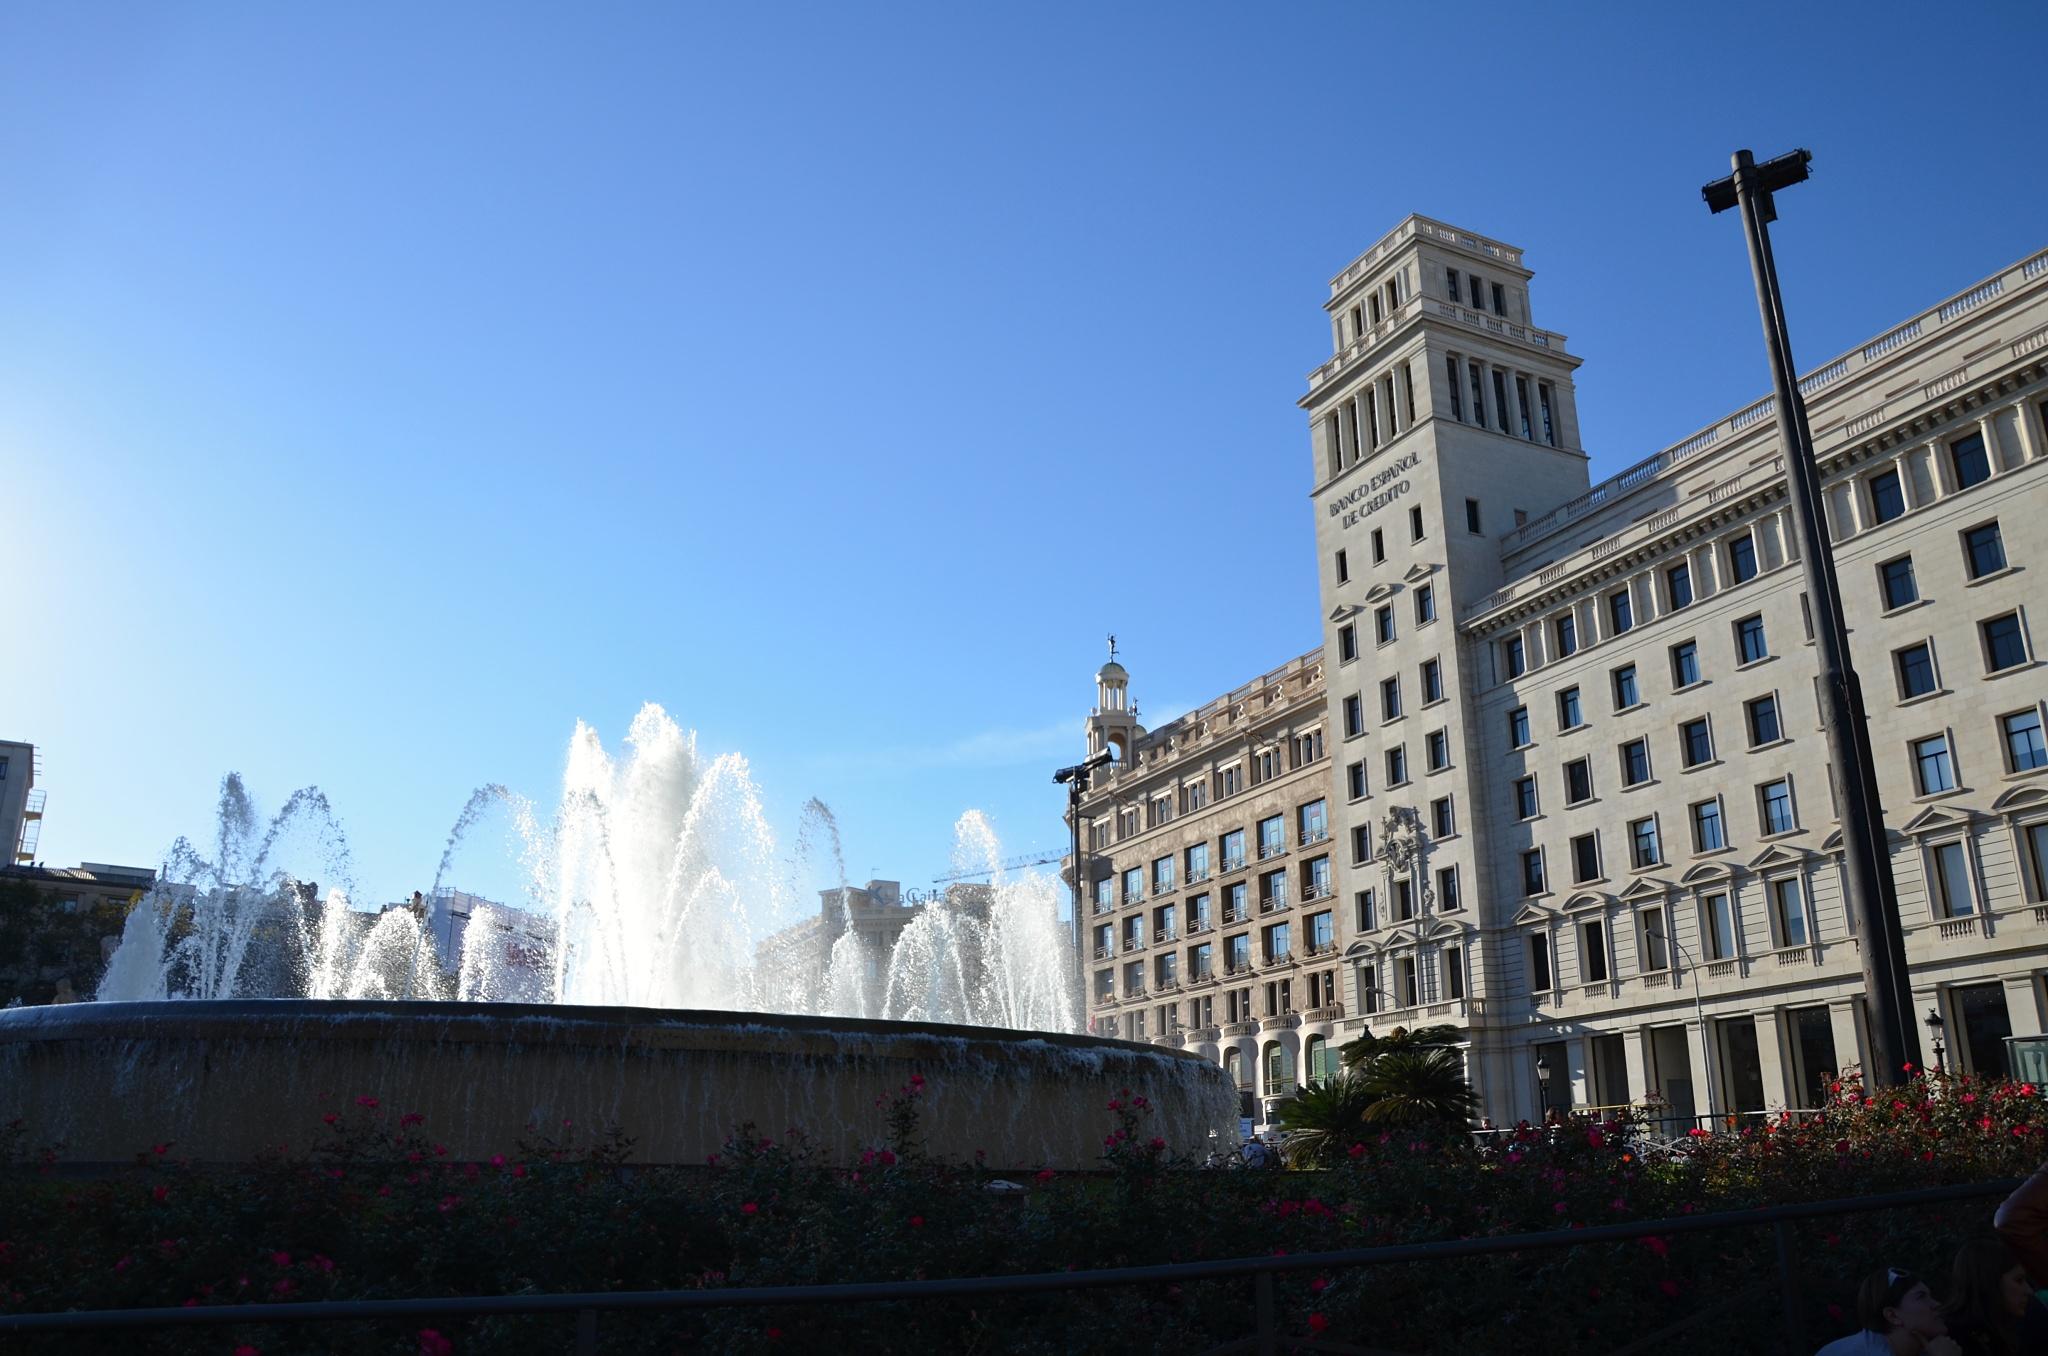 Náměstí Katalánska